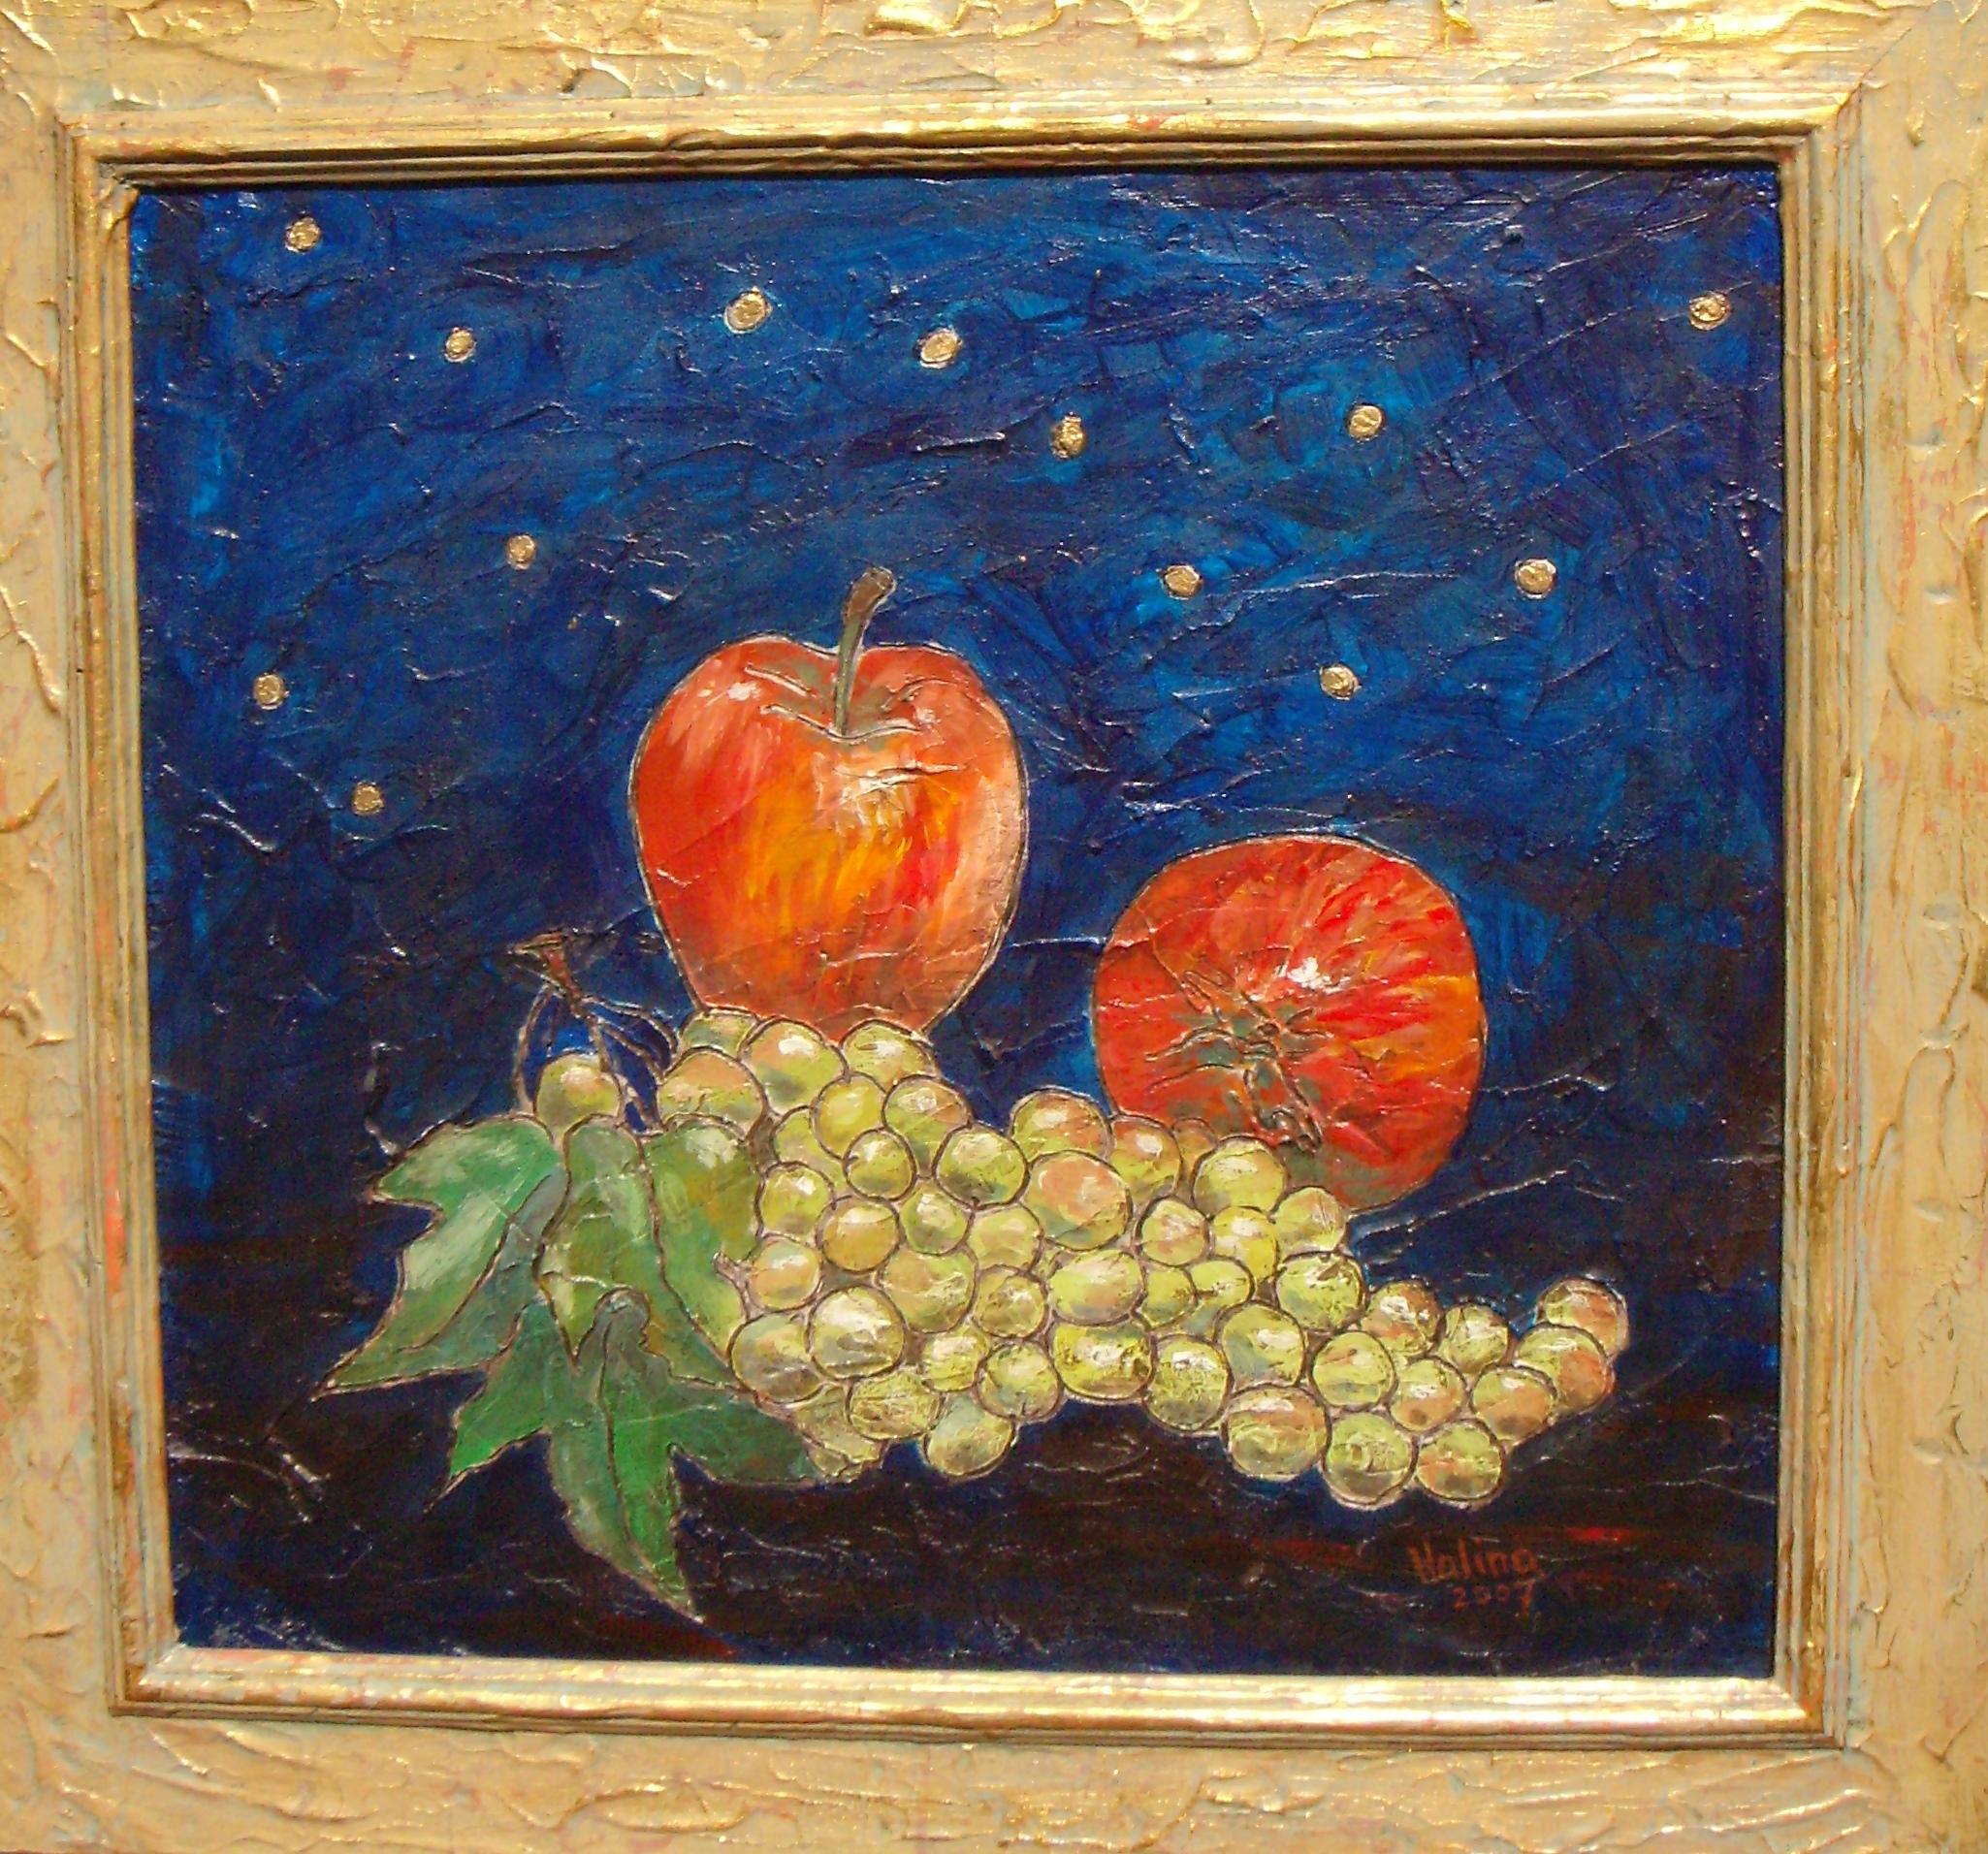 Grapes & Apples - Framed.JPG